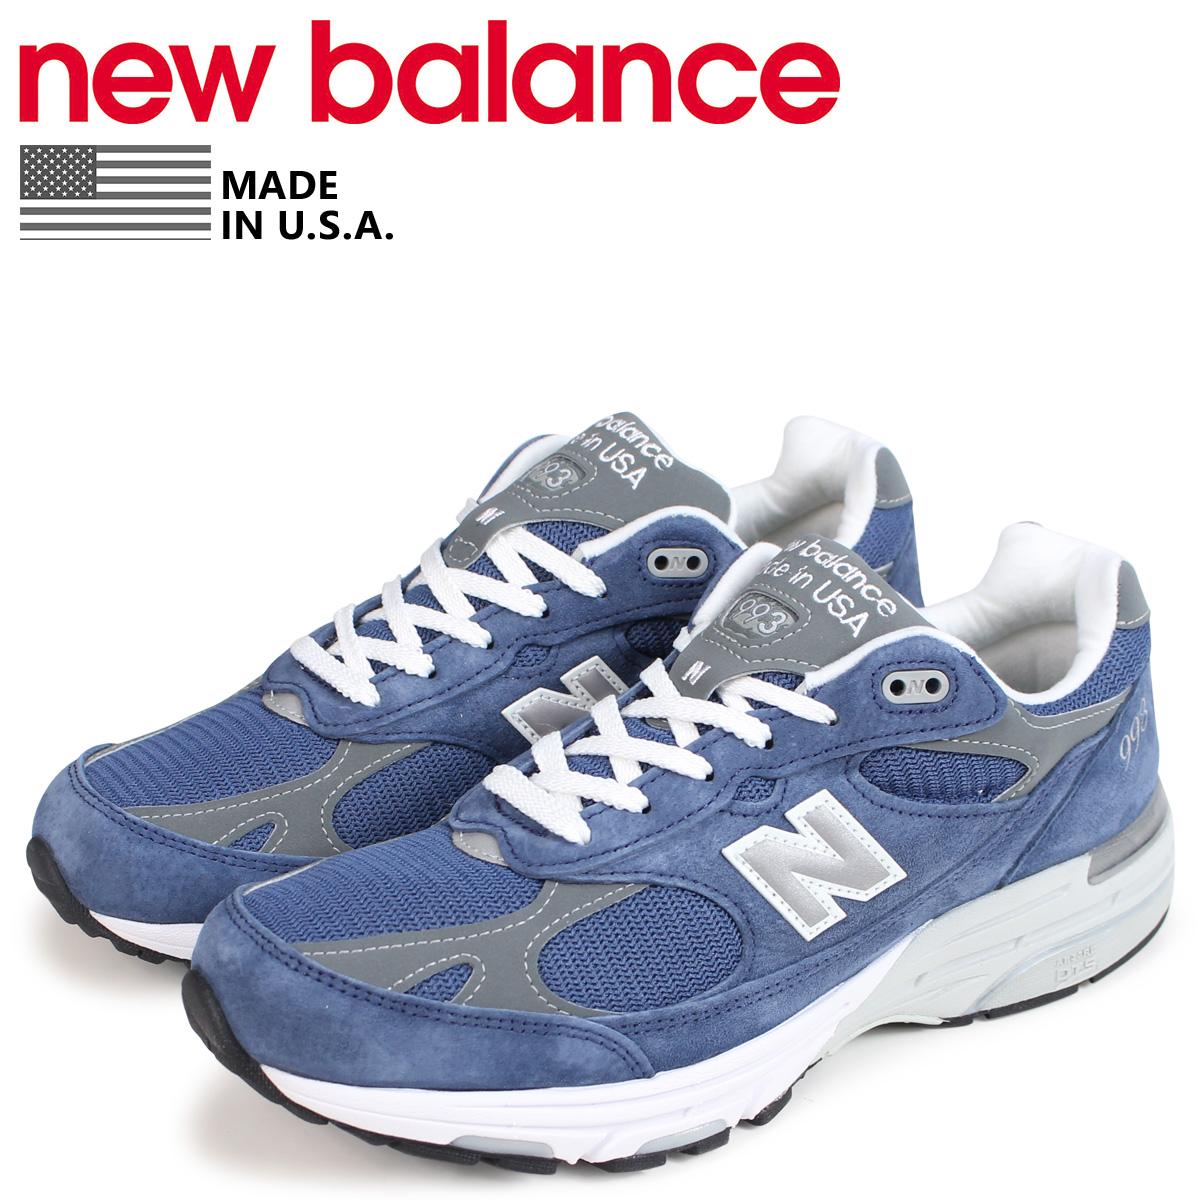 new balance 993 メンズ ニューバランス スニーカー MR993VI Dワイズ MADE IN USA ブルー